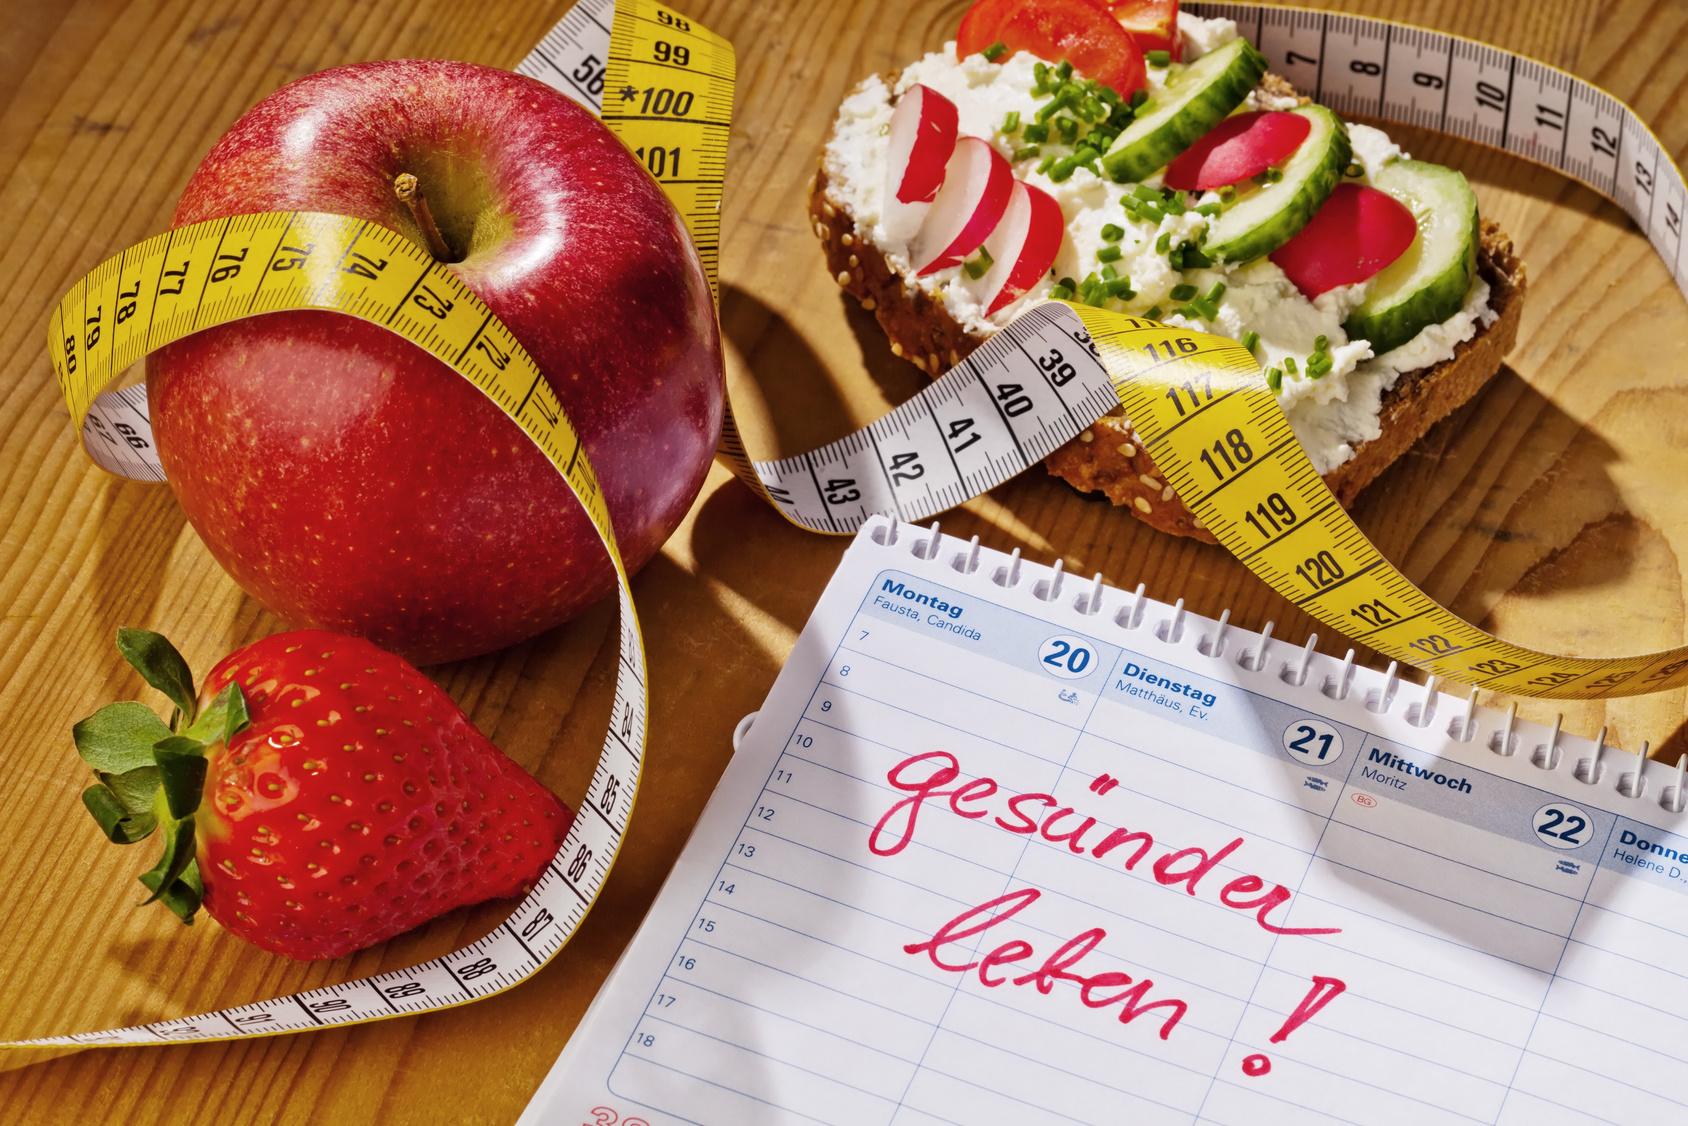 Mindestkalorien und Plateaus vermeiden mit Intermittent Fasting